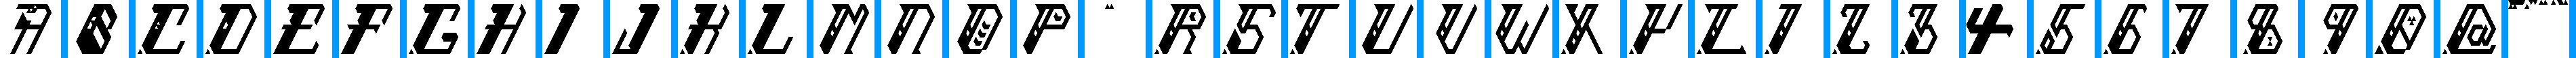 Particip-a-type v.298